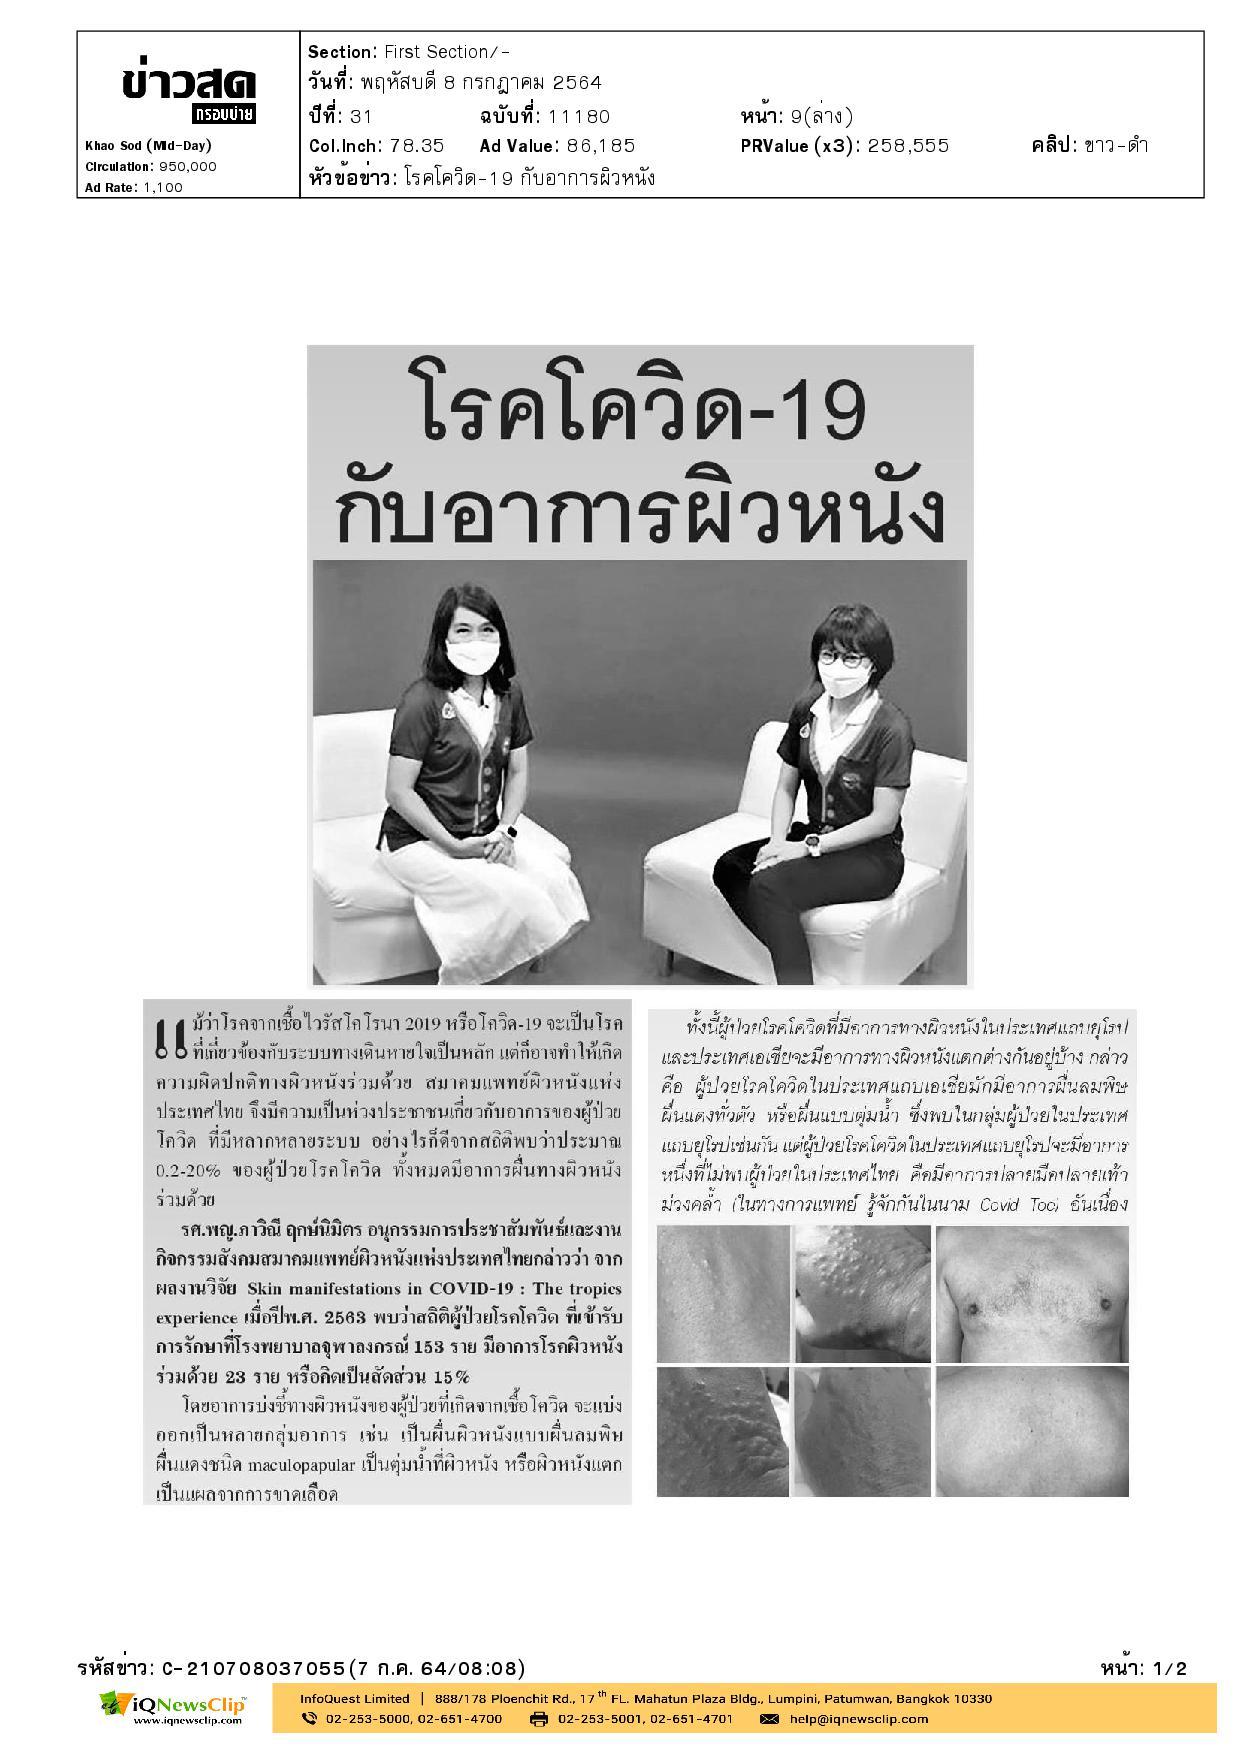 โรคโควิด-19 กับอาการผิวหนัง